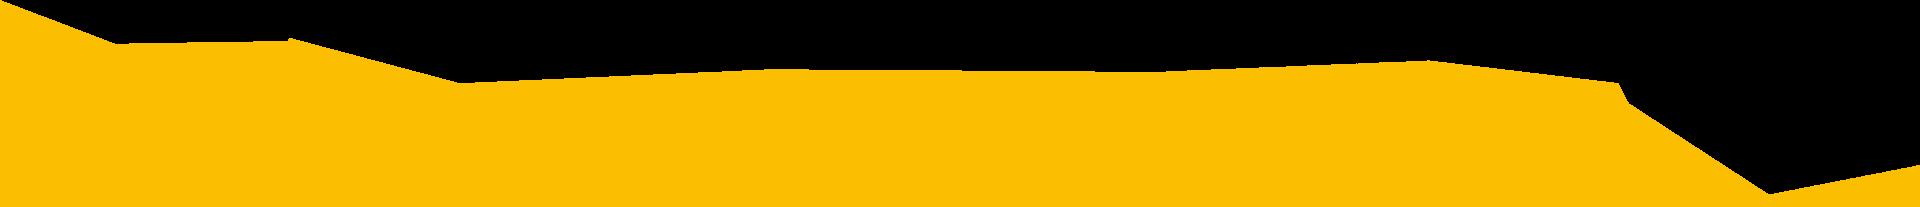 banner-vivir